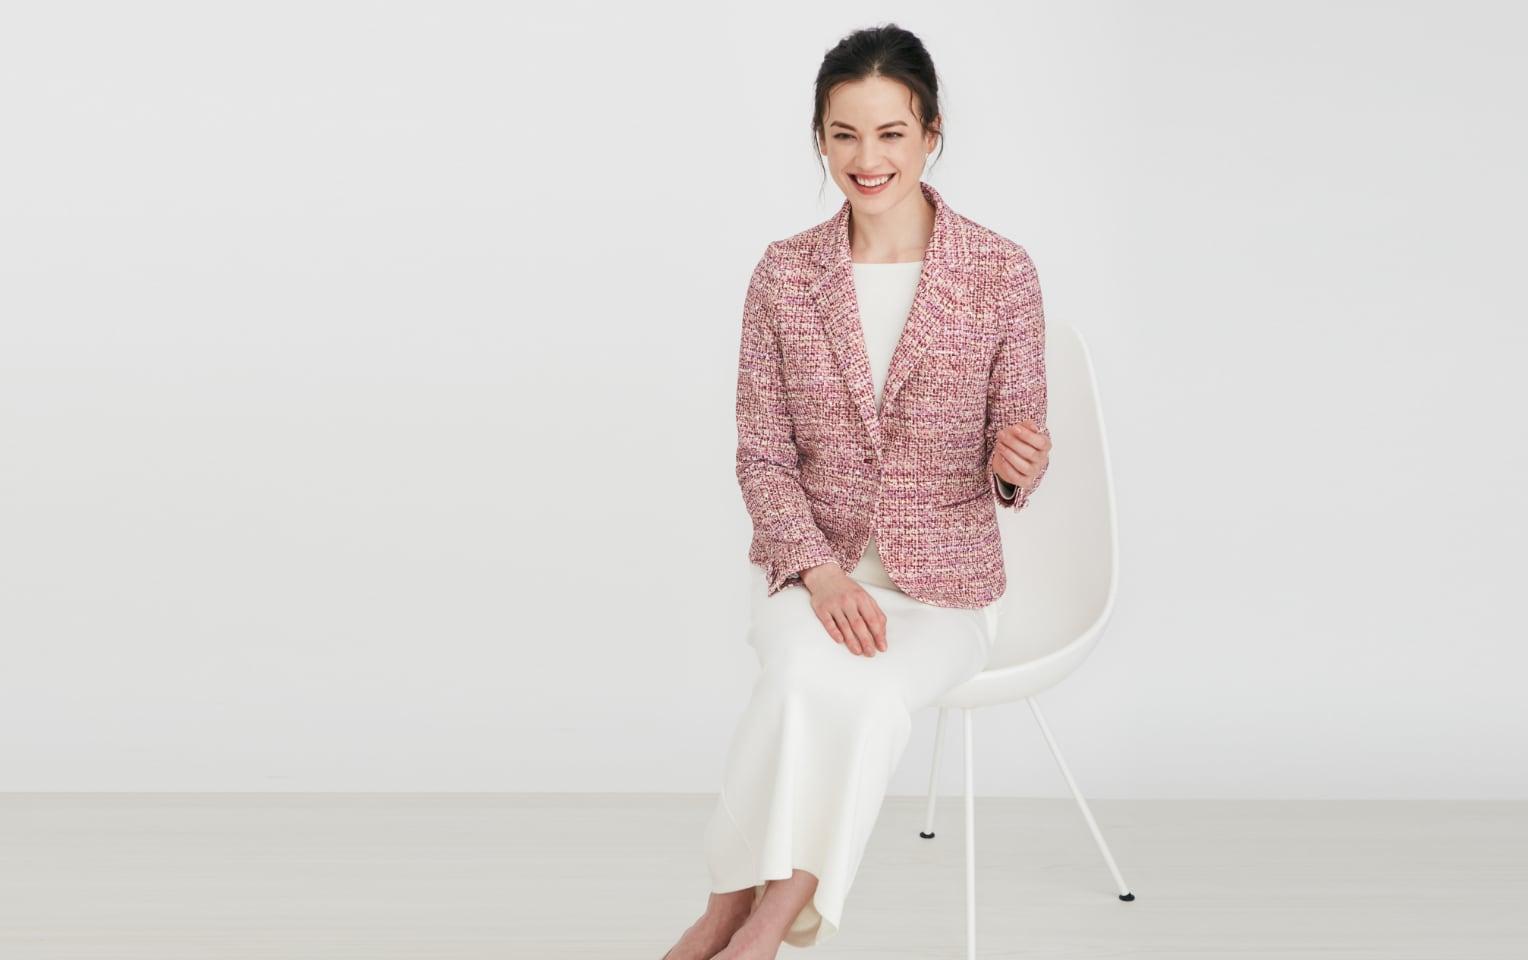 11_Coordinate_Pink_Tweed_Tailored_Jacket.jpg